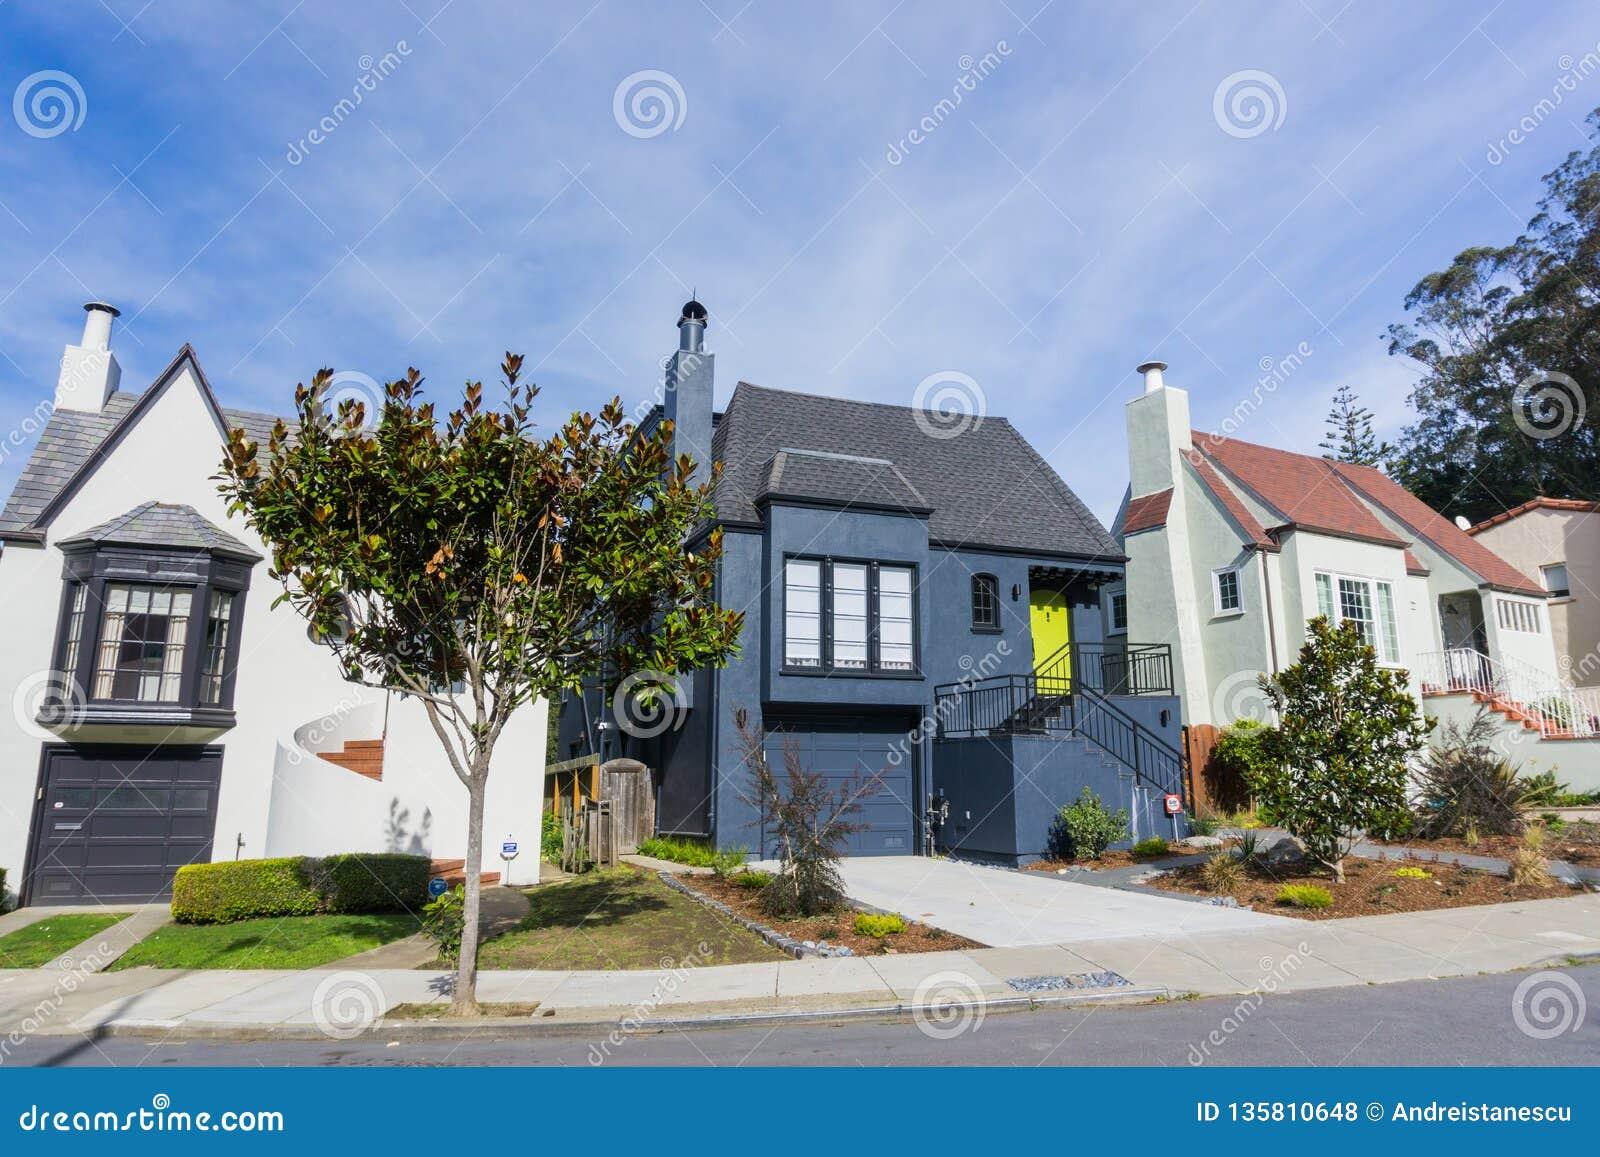 Улица и дома в жилых холмах Сан-Франциско, Калифорния